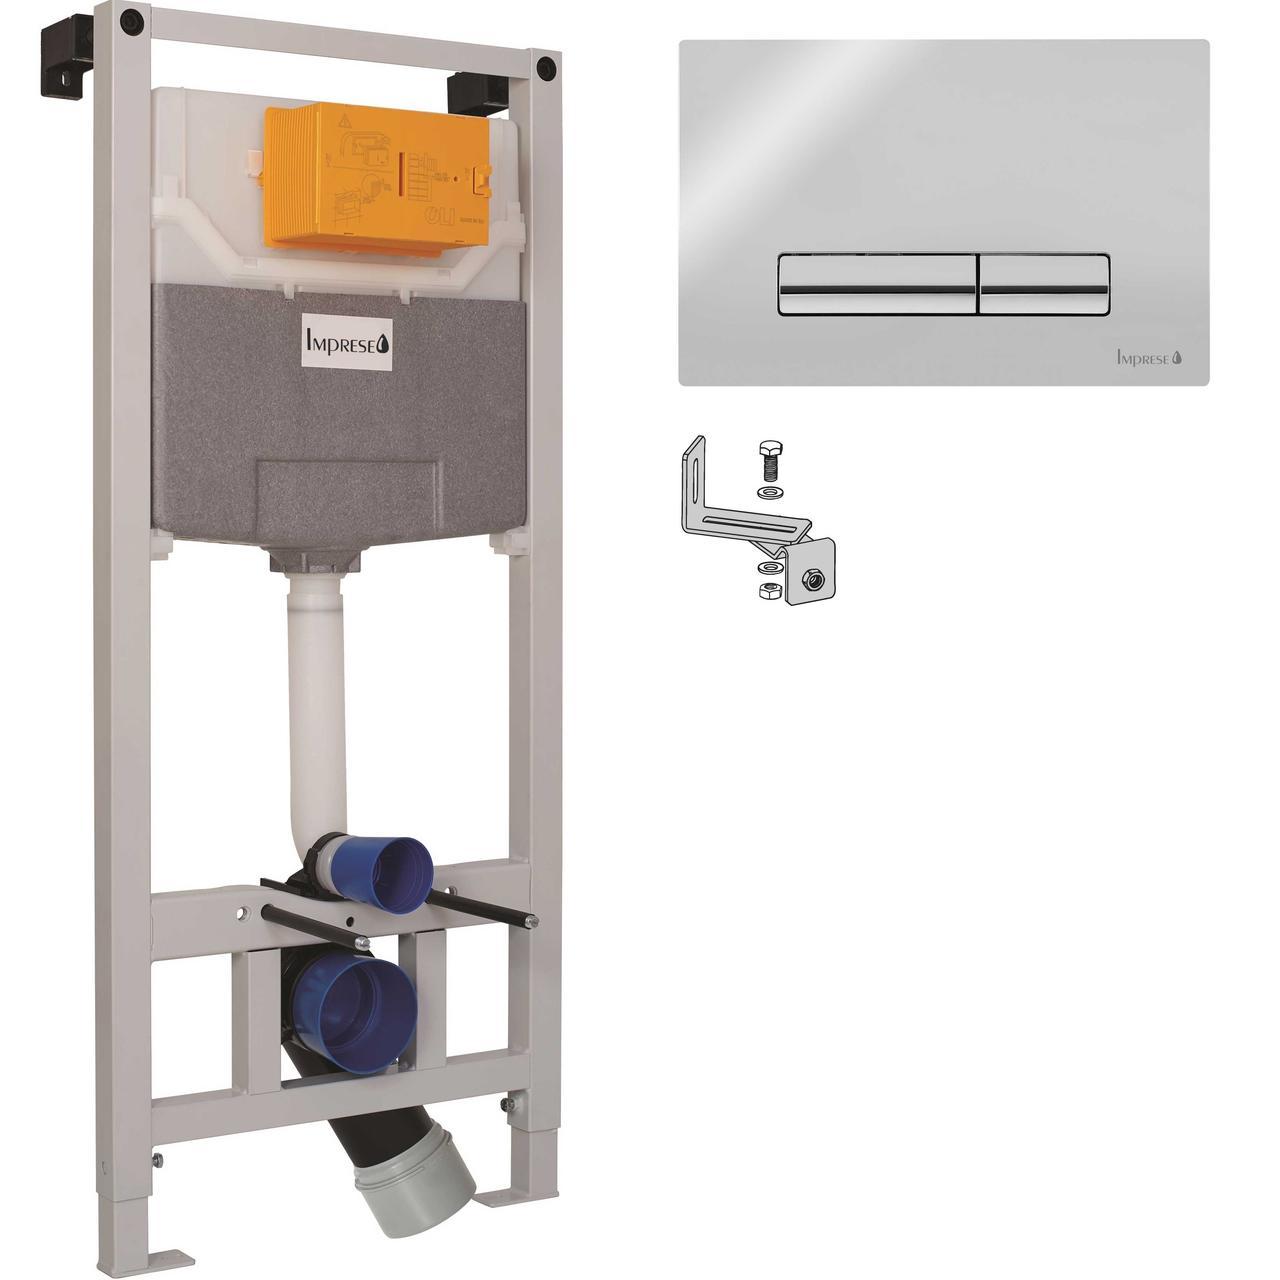 Инсталляционные системы Imprese Инсталляция для унитаза Imprese 3в1 i9120